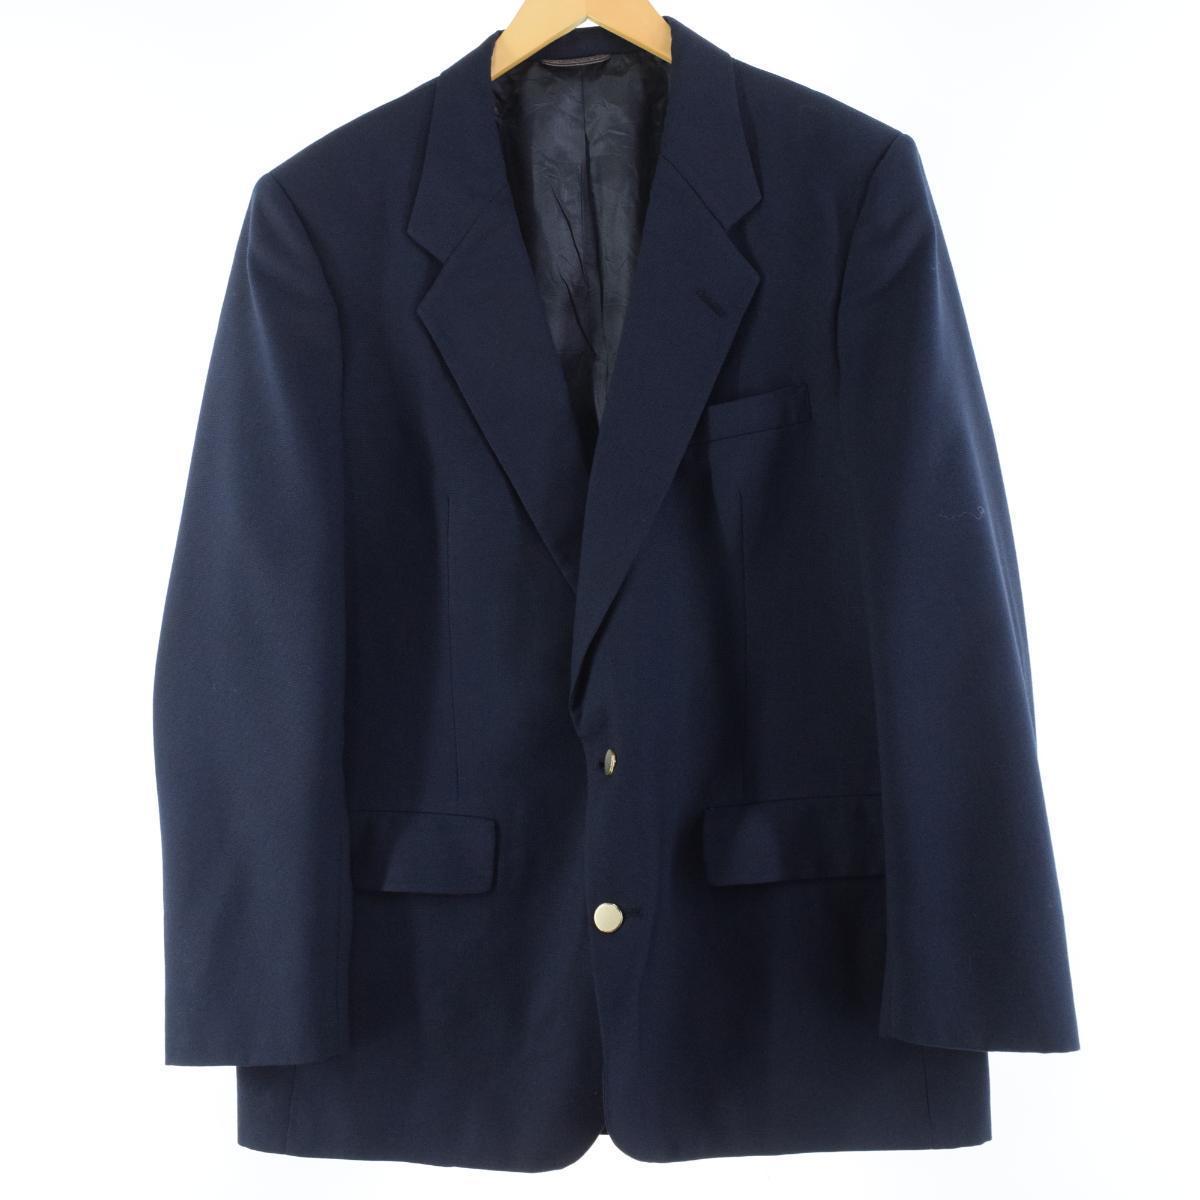 クリスチャンディオール Christian Dior MONSIEUR ウールテーラードジャケット USA製 メンズM /wbj1421 【中古】 【200209】